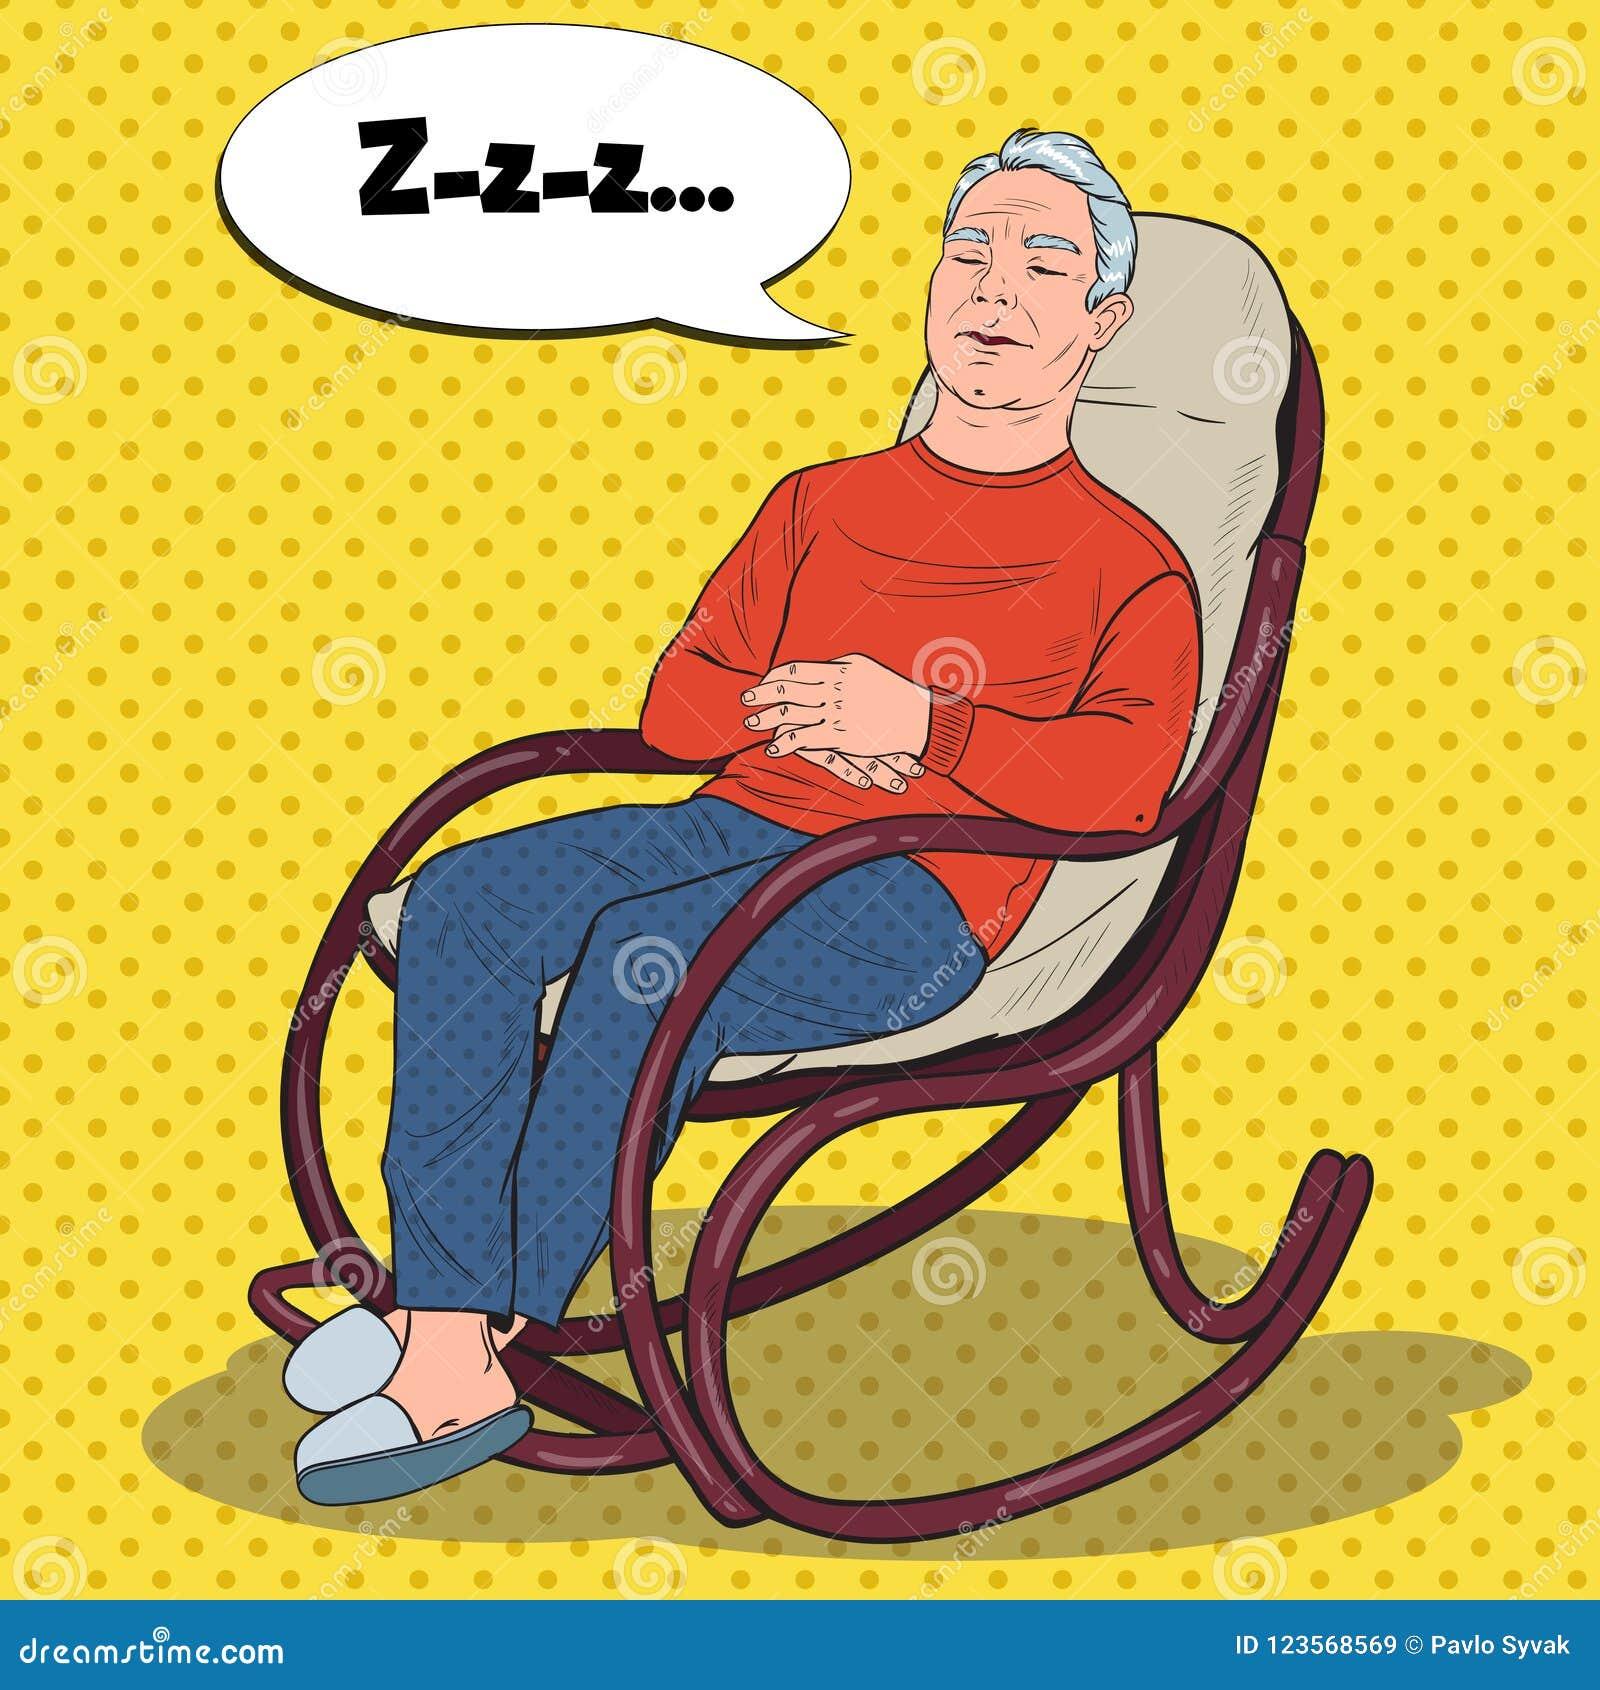 Nonno In Poltrona.Schiocco Art Senior Man Sleeping In Sedia Nonno Che Riposa